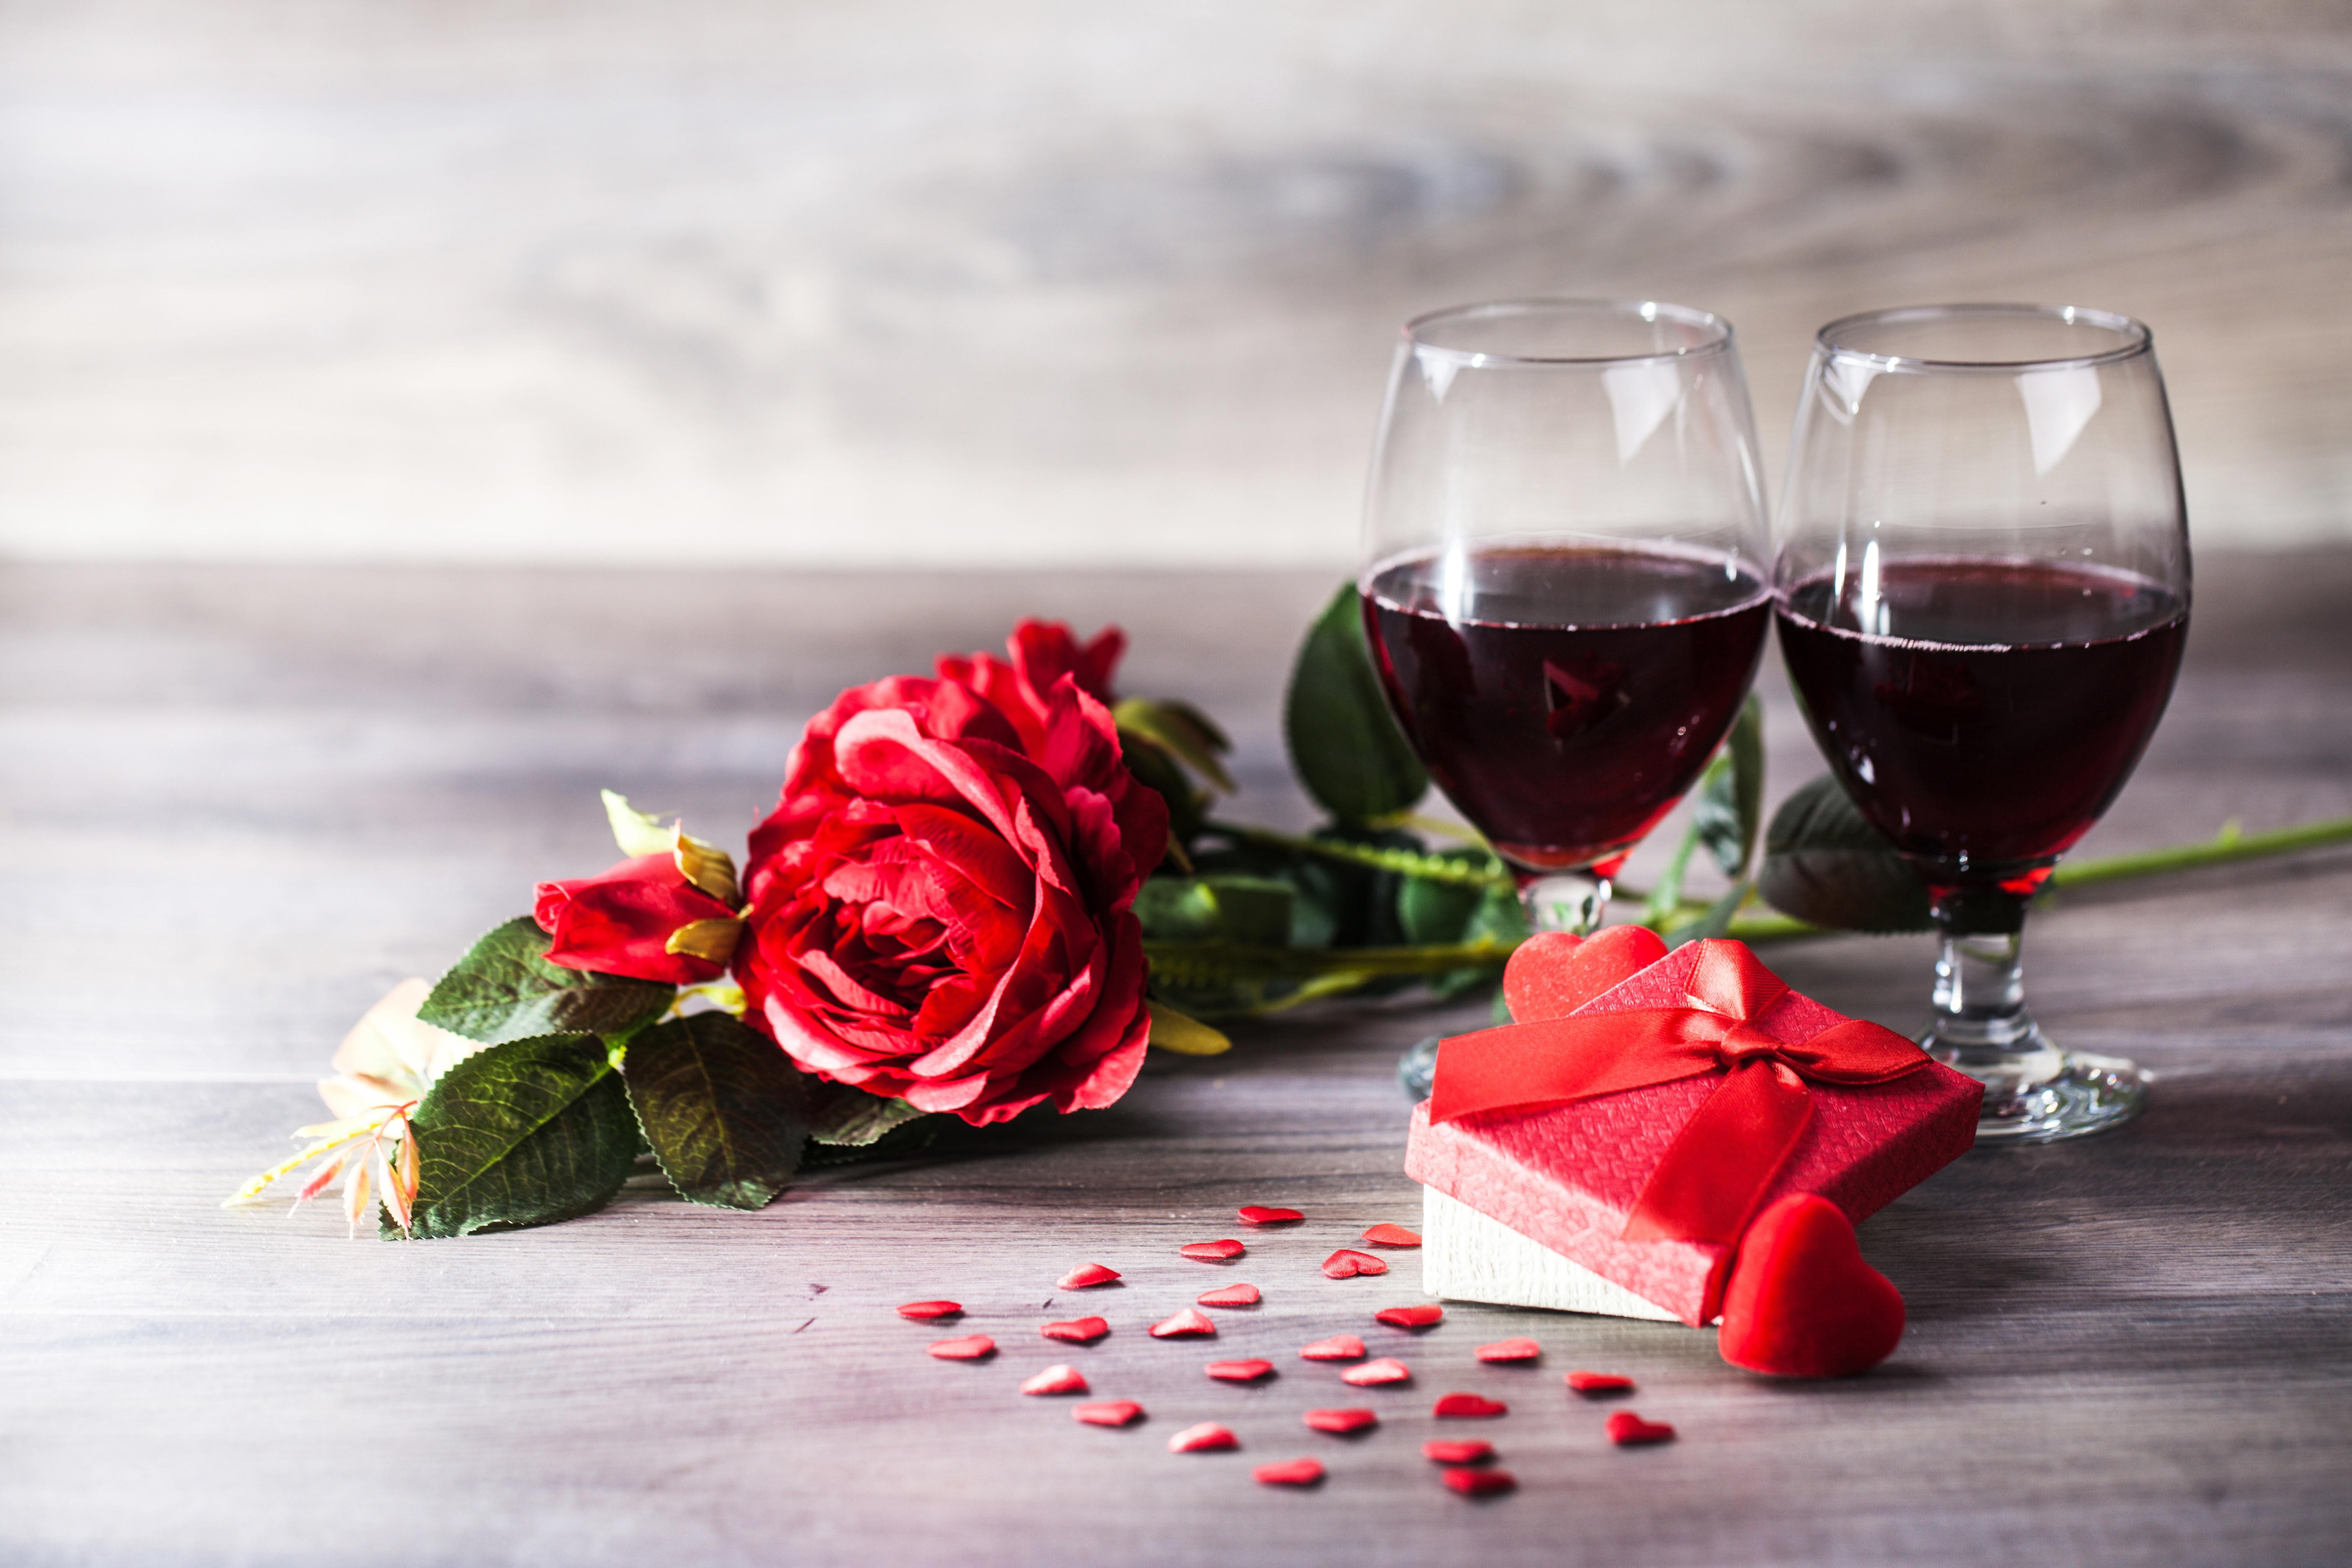 красивые картинки вино и роза на столе такие глаза